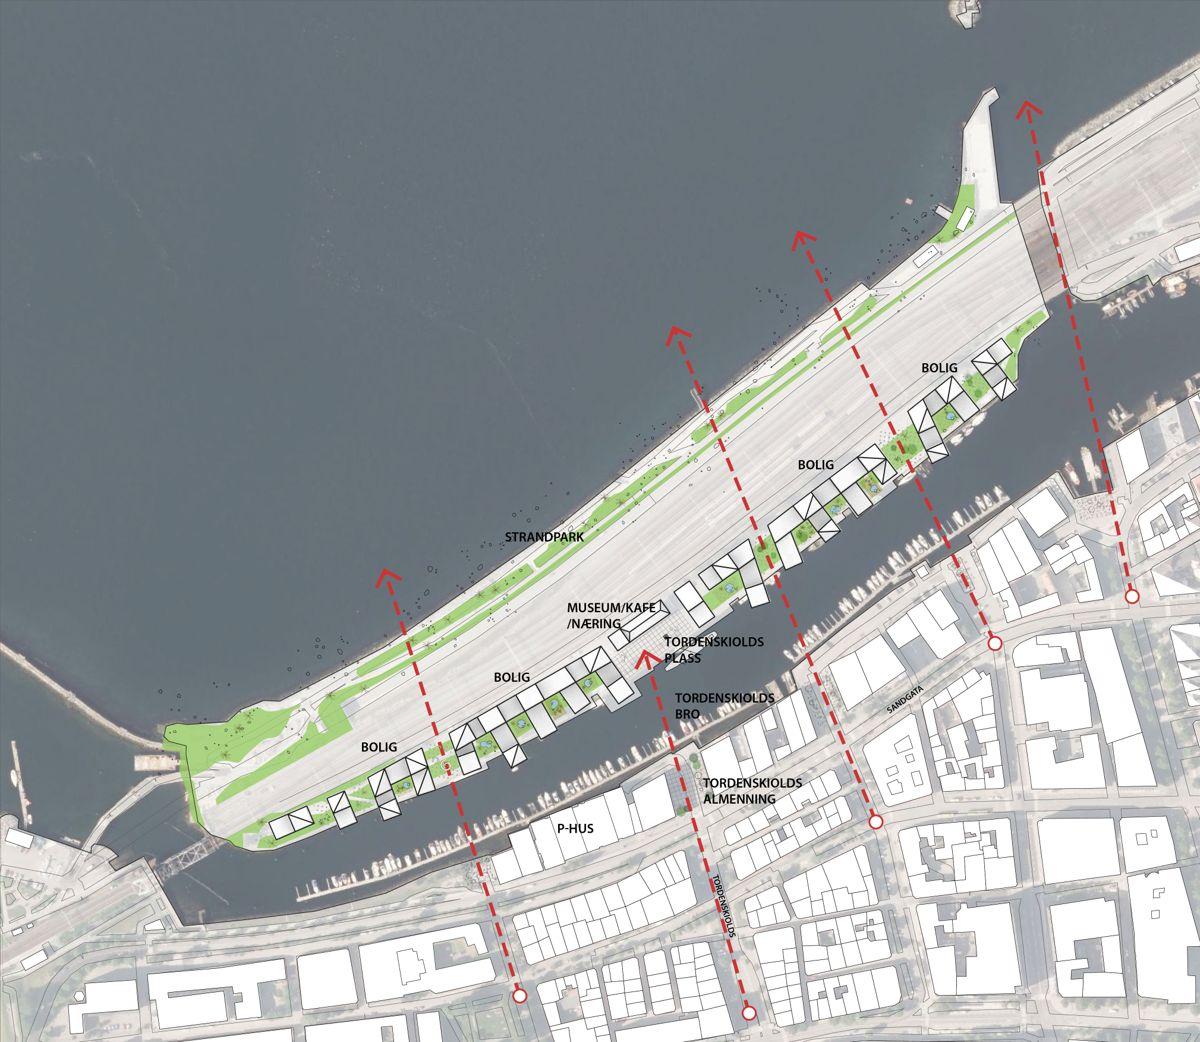 Situasjonsplan Vestre kanal. Illustrasjon: Arkitektfirmaet Narud Stokke Wiig / Rift